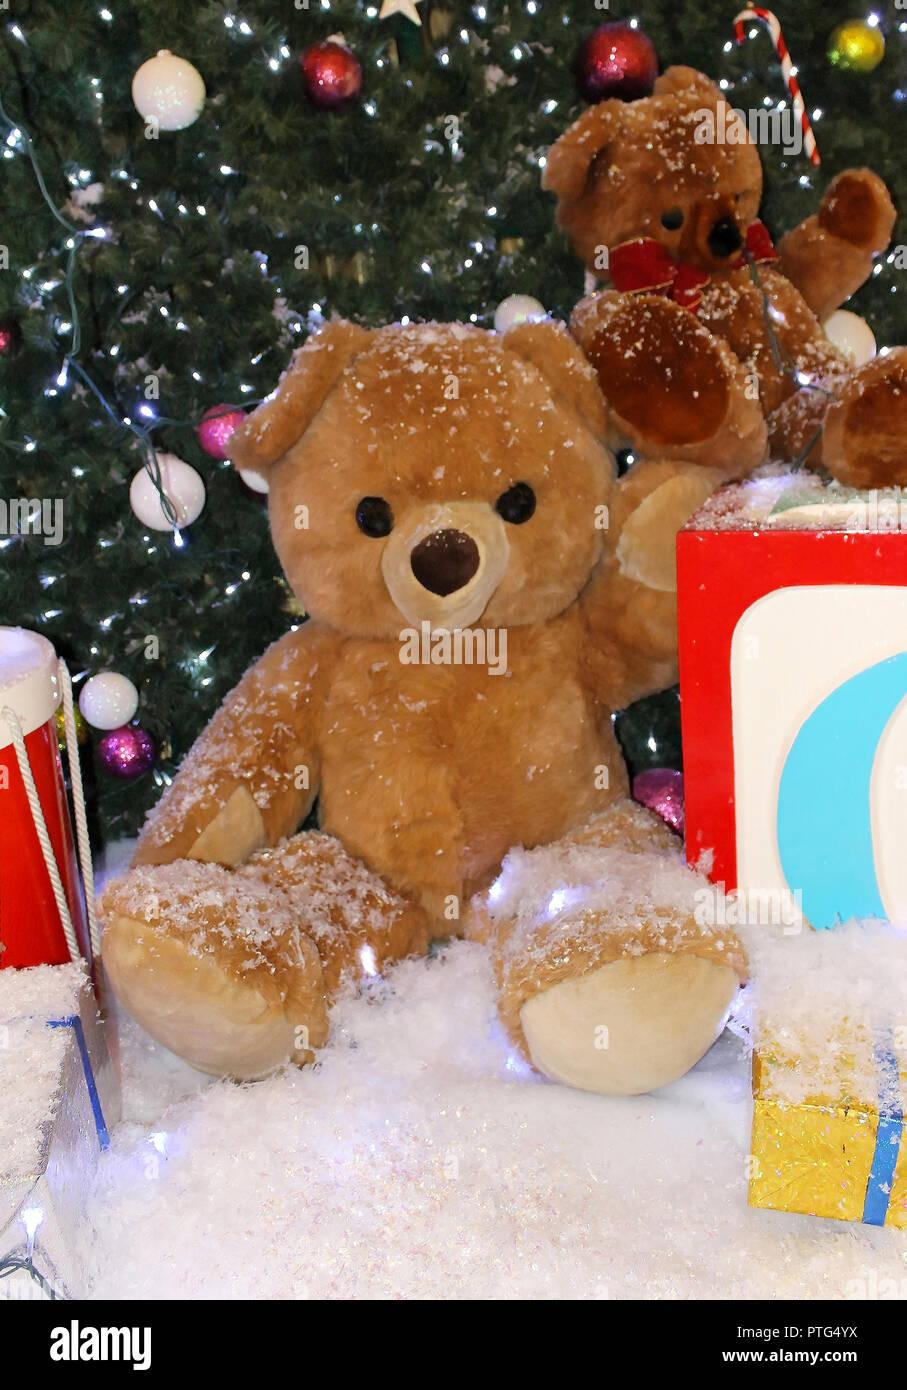 Weihnachtsbaum Fällen.Teddybär Spielzeug In Fake Schnee Unter Geschmückten Weihnachtsbaum